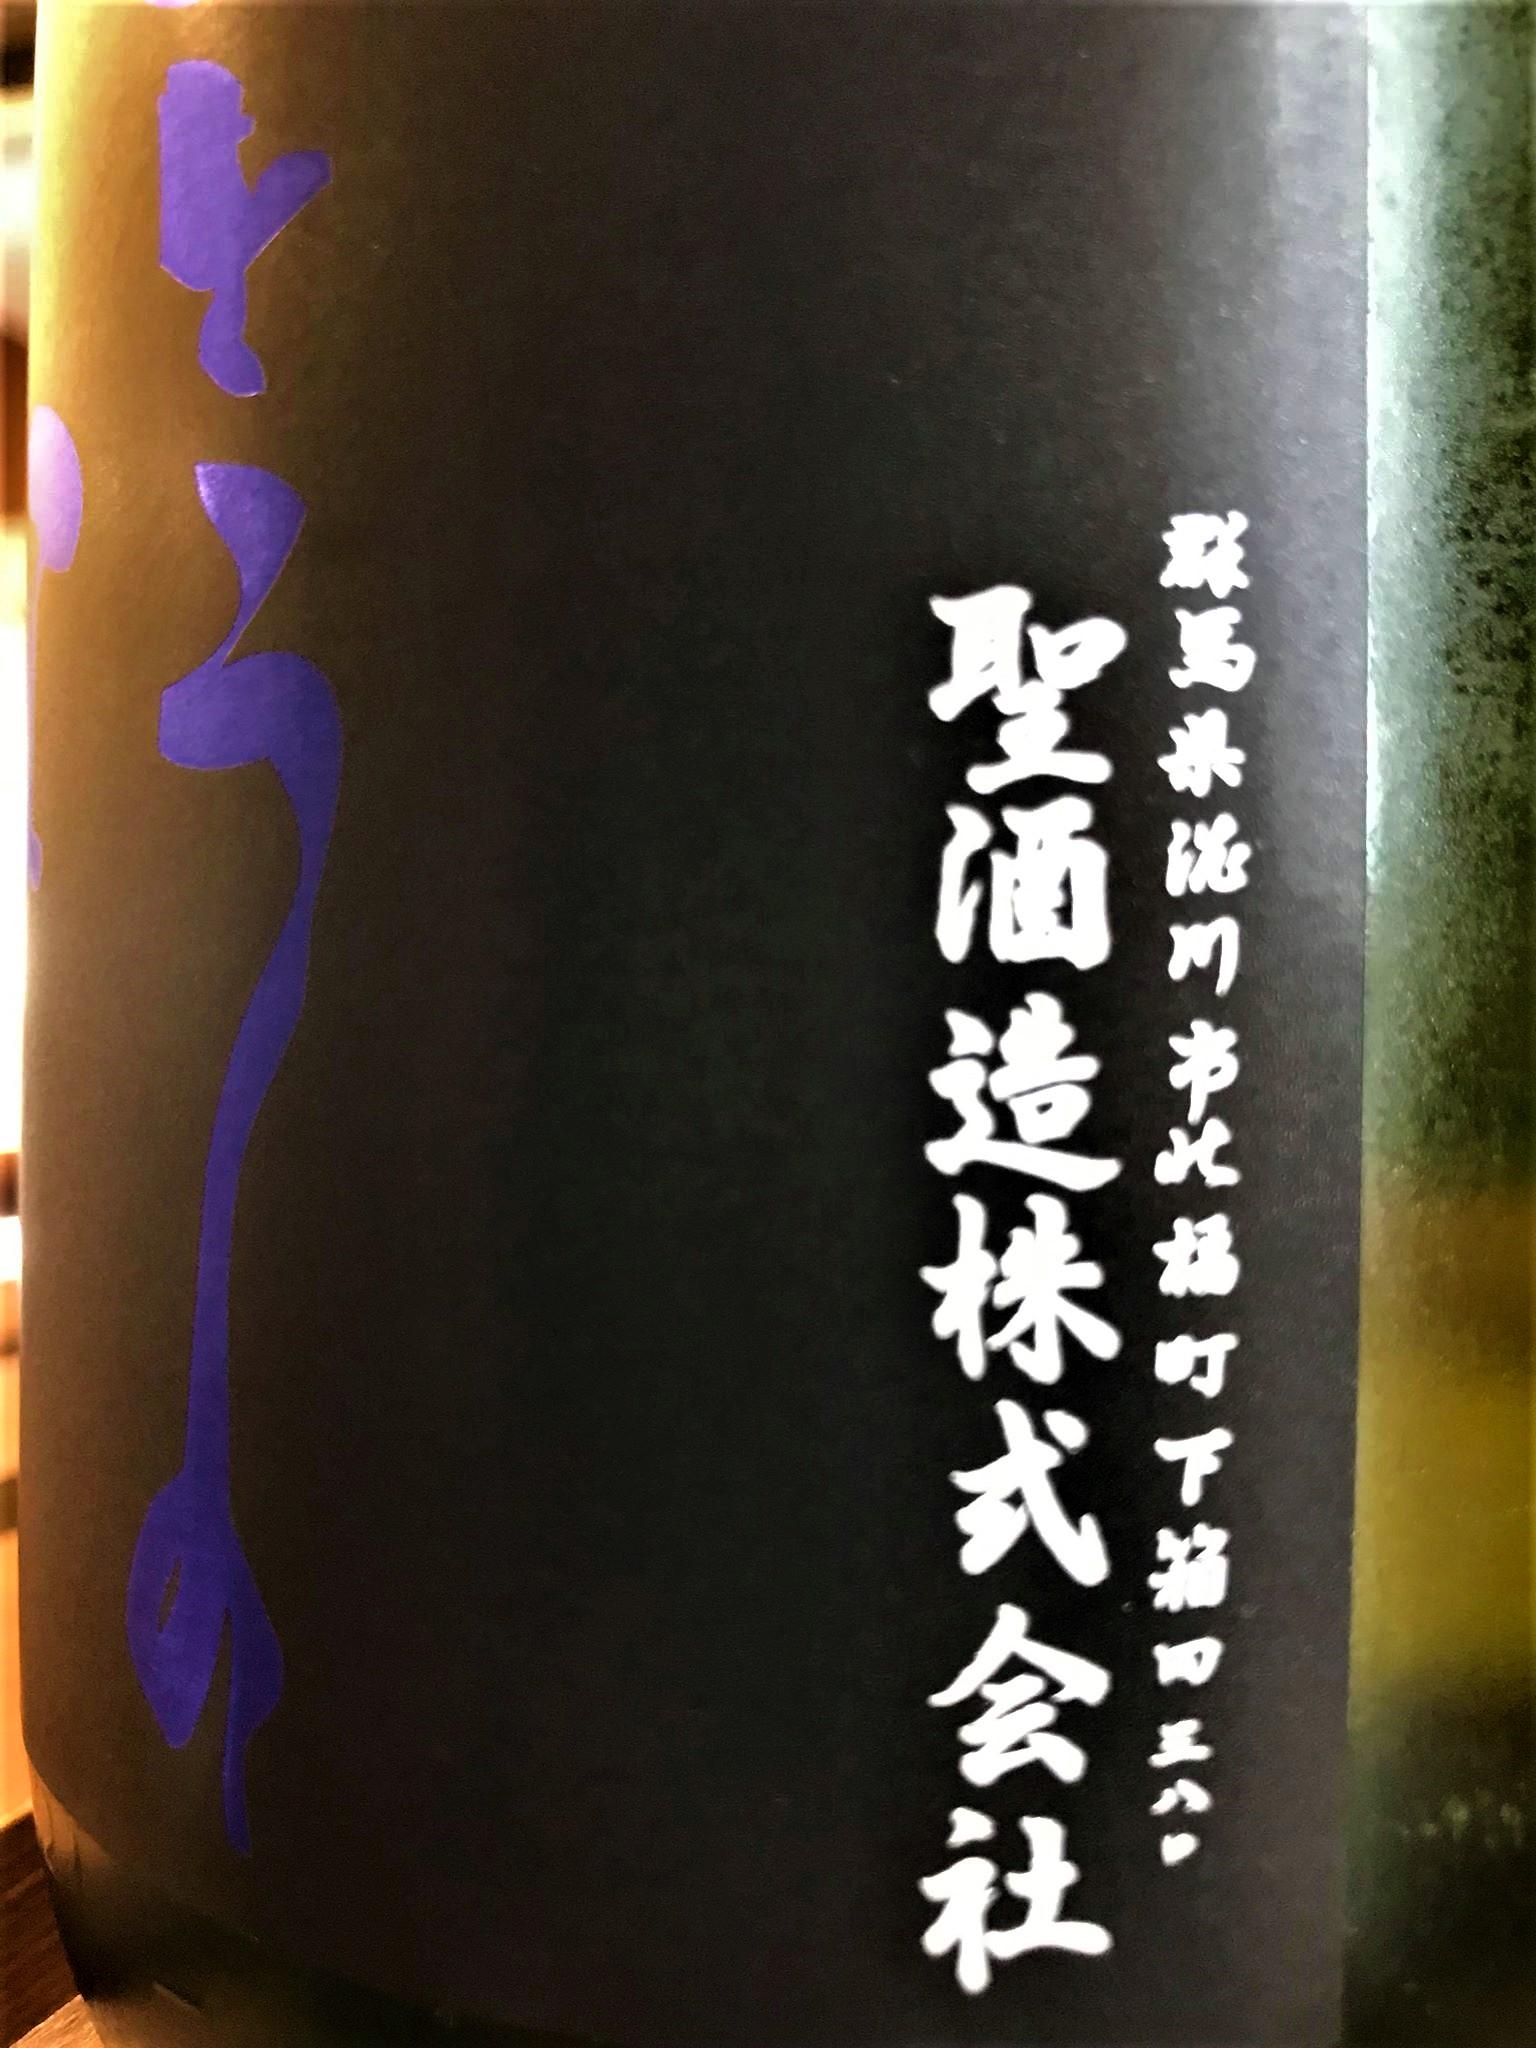 【日本酒】別注 かんとうのはな 中取り 純米吟醸 無濾過生原酒 Special Edition 限定 30BY🆕_e0173738_11234783.jpg